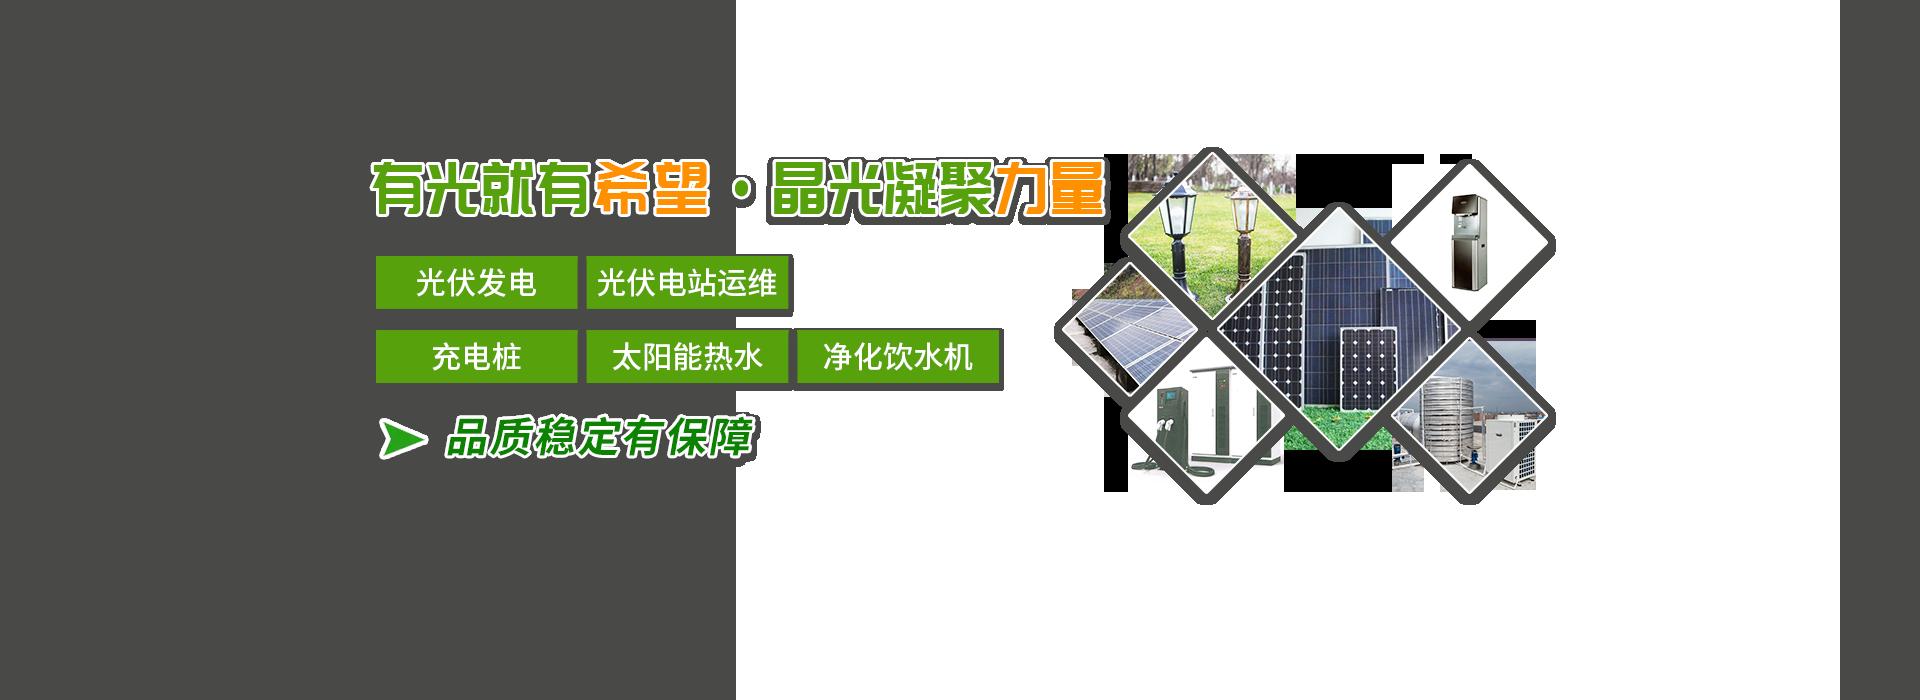 網站banner1